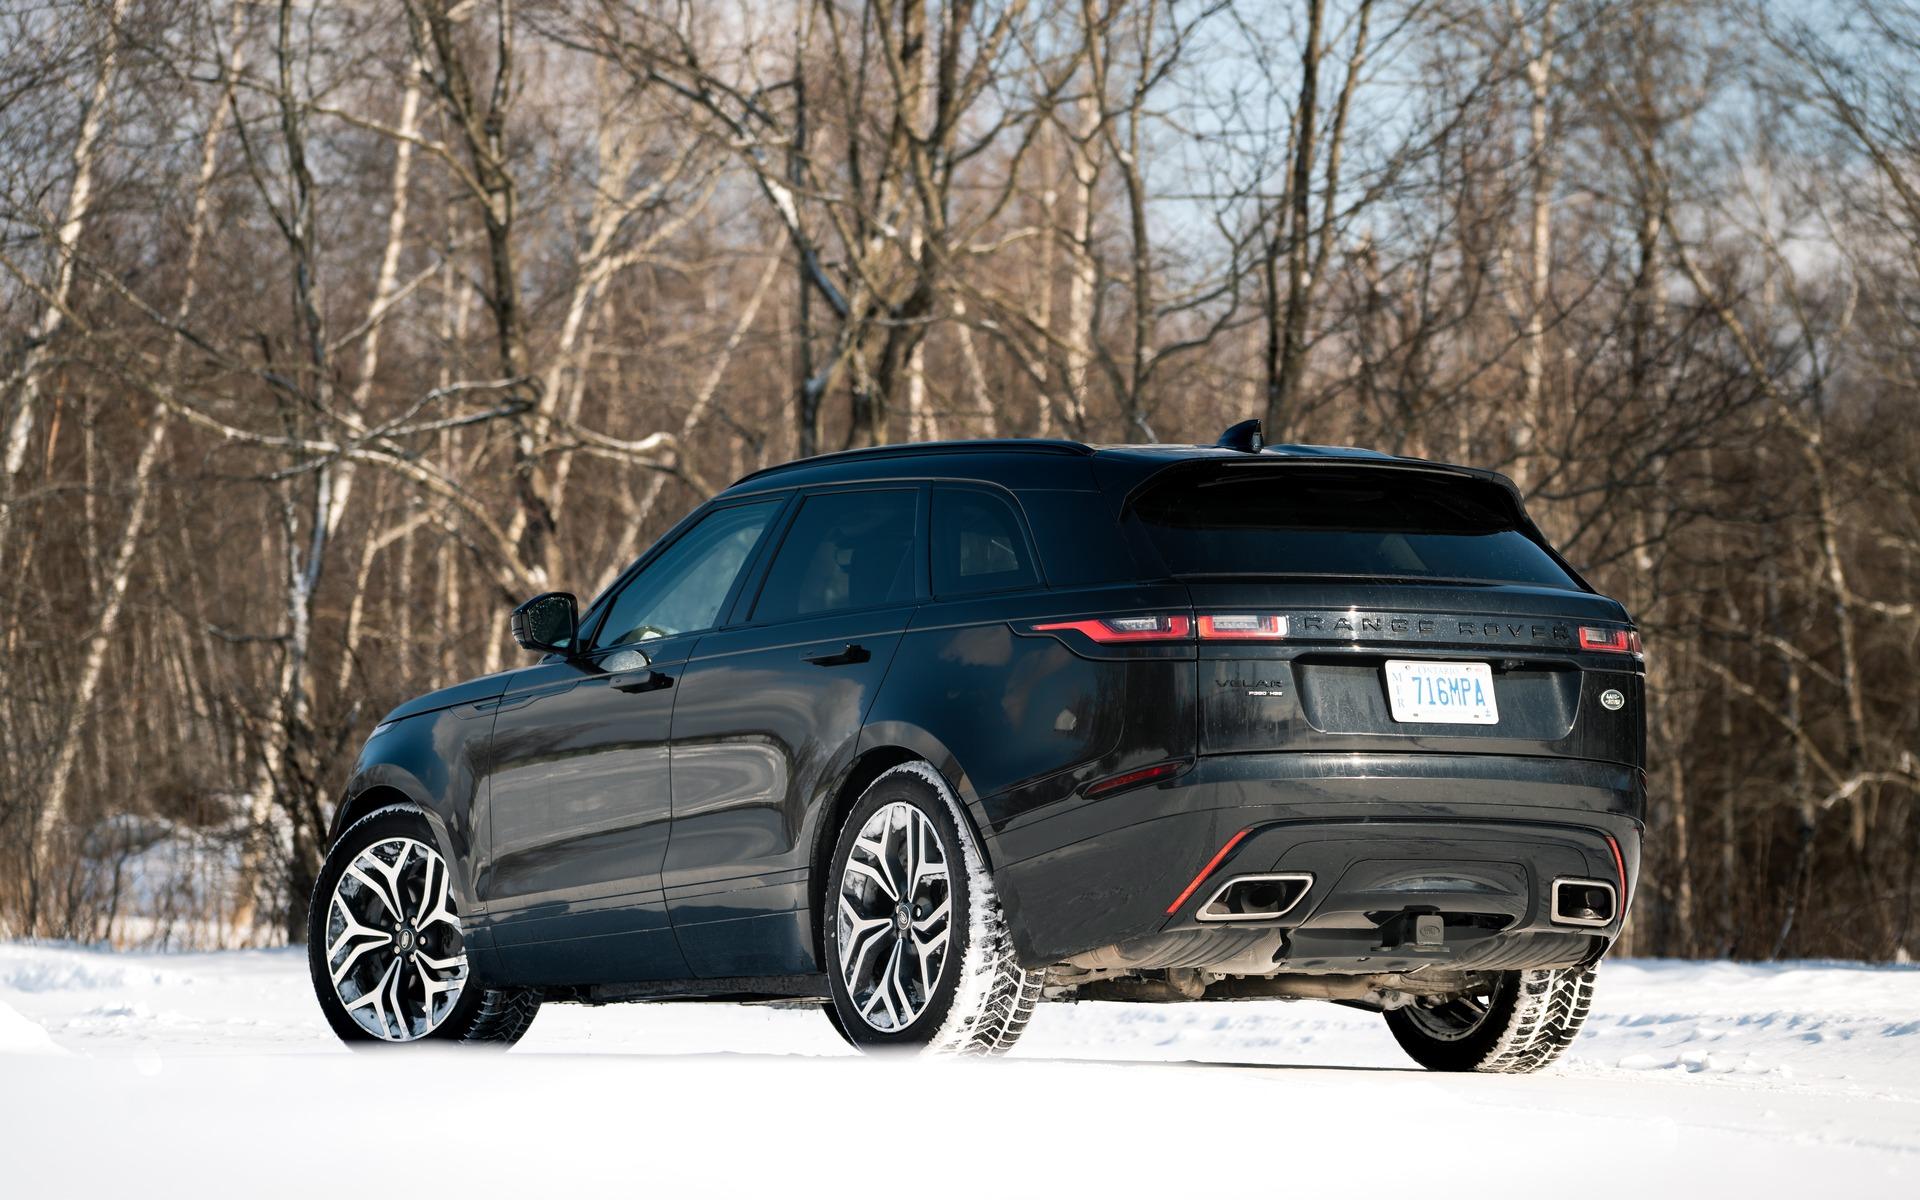 Range Rover Velar 2019 : battre la concurrence avec le style 365791_Range_Rover_Velar_2019_battre_la_concurrence_avec_le_style